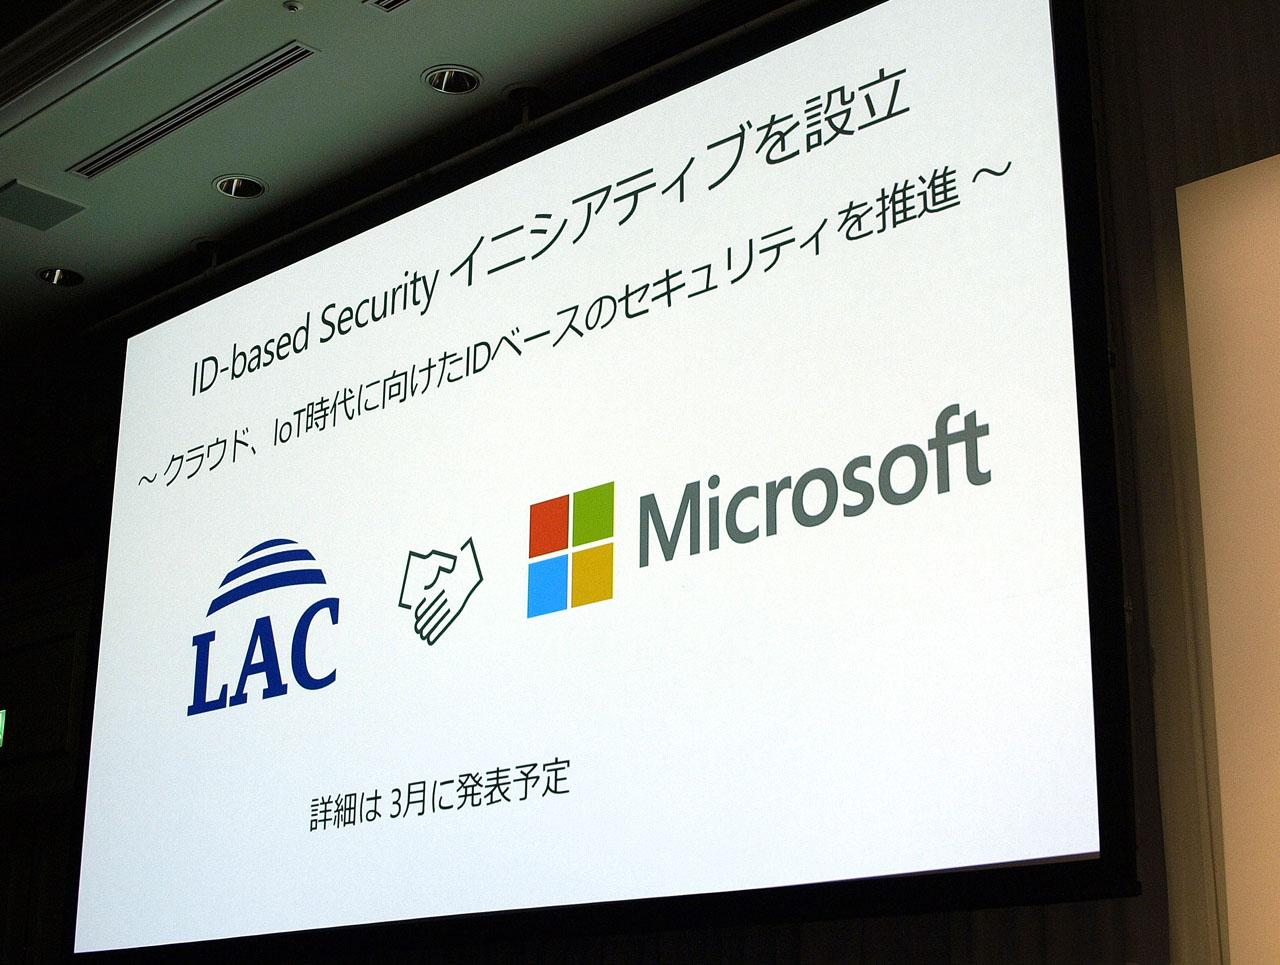 株式会社ラックとの連携を推し進め、「ID-Based Securityイニシアティブ」を3月に設立